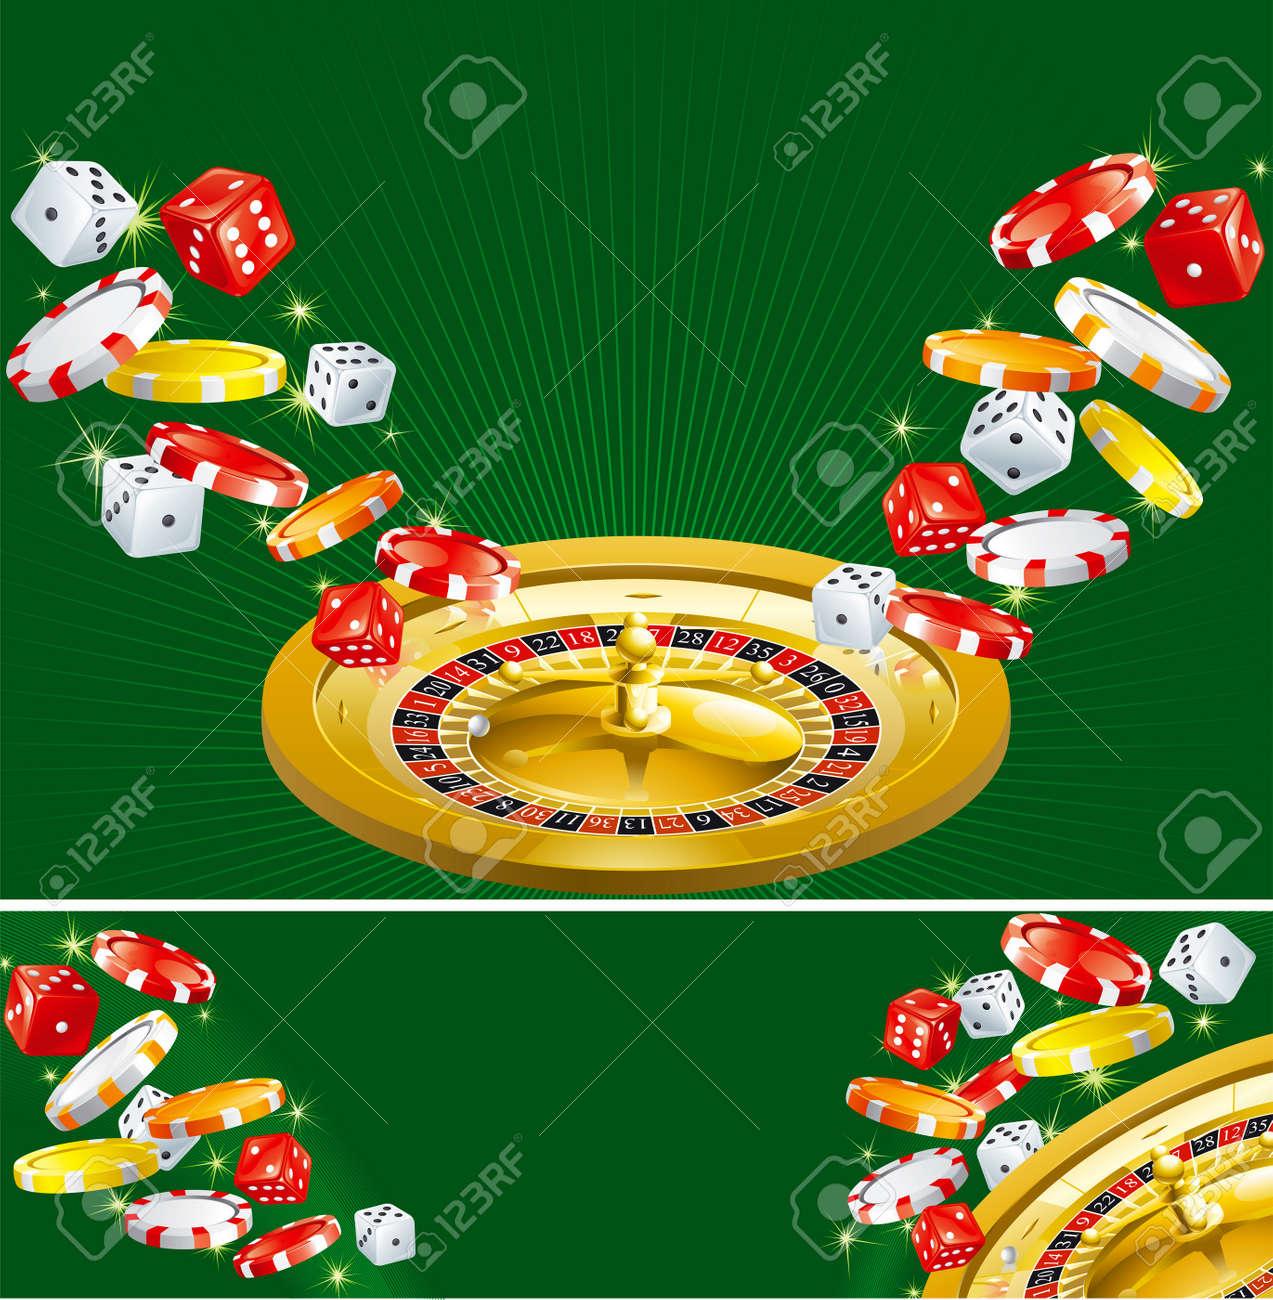 2 つのカジノの背景 壁紙やカジノ サイコロ チップ 緑色の背景でルーレットのバナー のイラスト素材 ベクタ Image